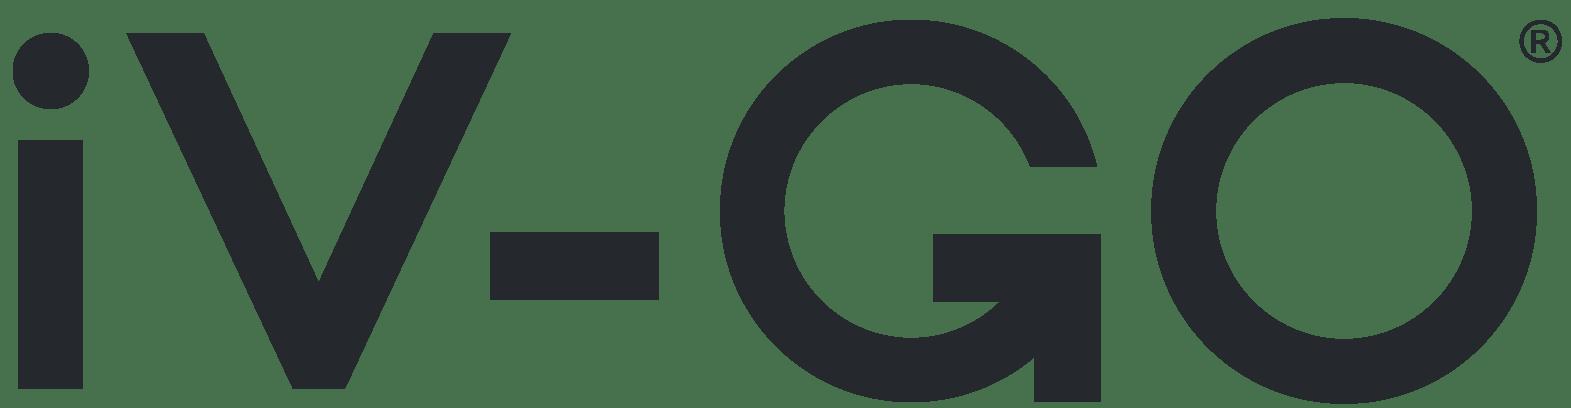 IV-GO_logo-G